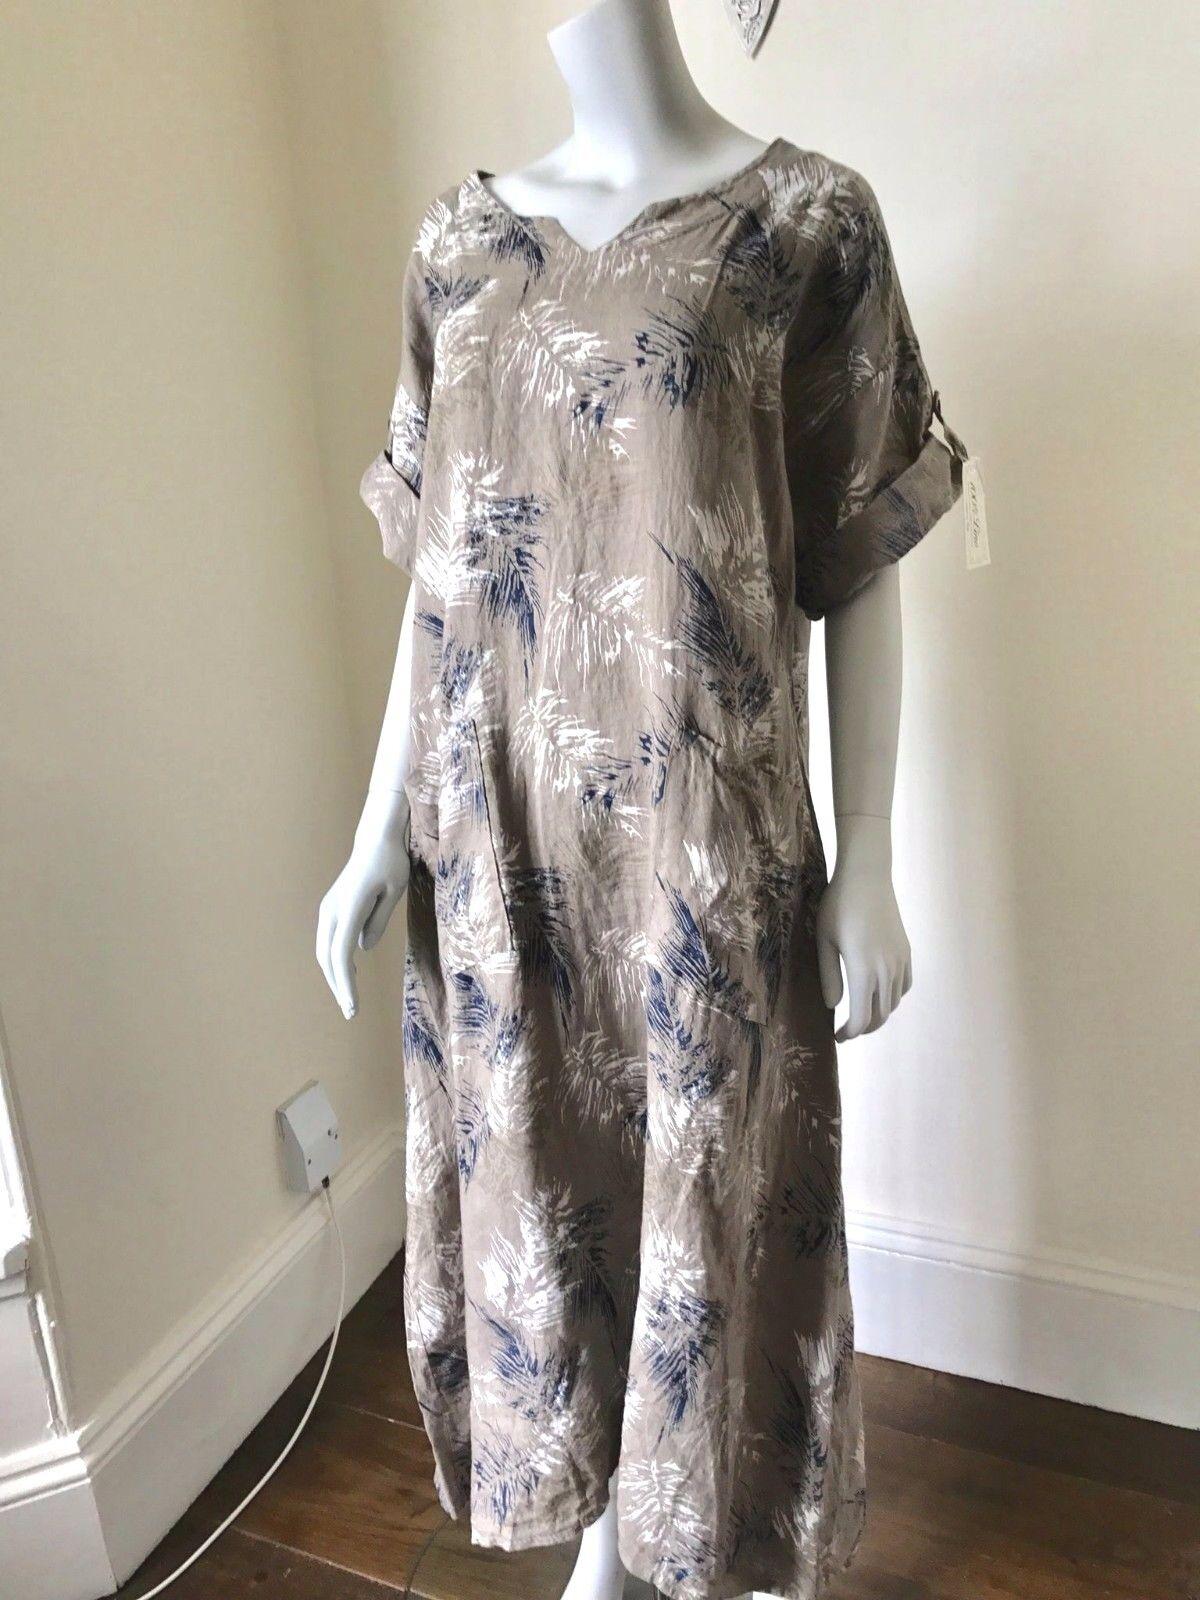 LAGENLOOK LAGENLOOK LAGENLOOK LMT Gorgeous Leaf Print Maxi Linen Dress UK 8 10 12 14 16 18 NEW | Realistisch  | Am wirtschaftlichsten  | Praktisch Und Wirtschaftlich  9c71ab